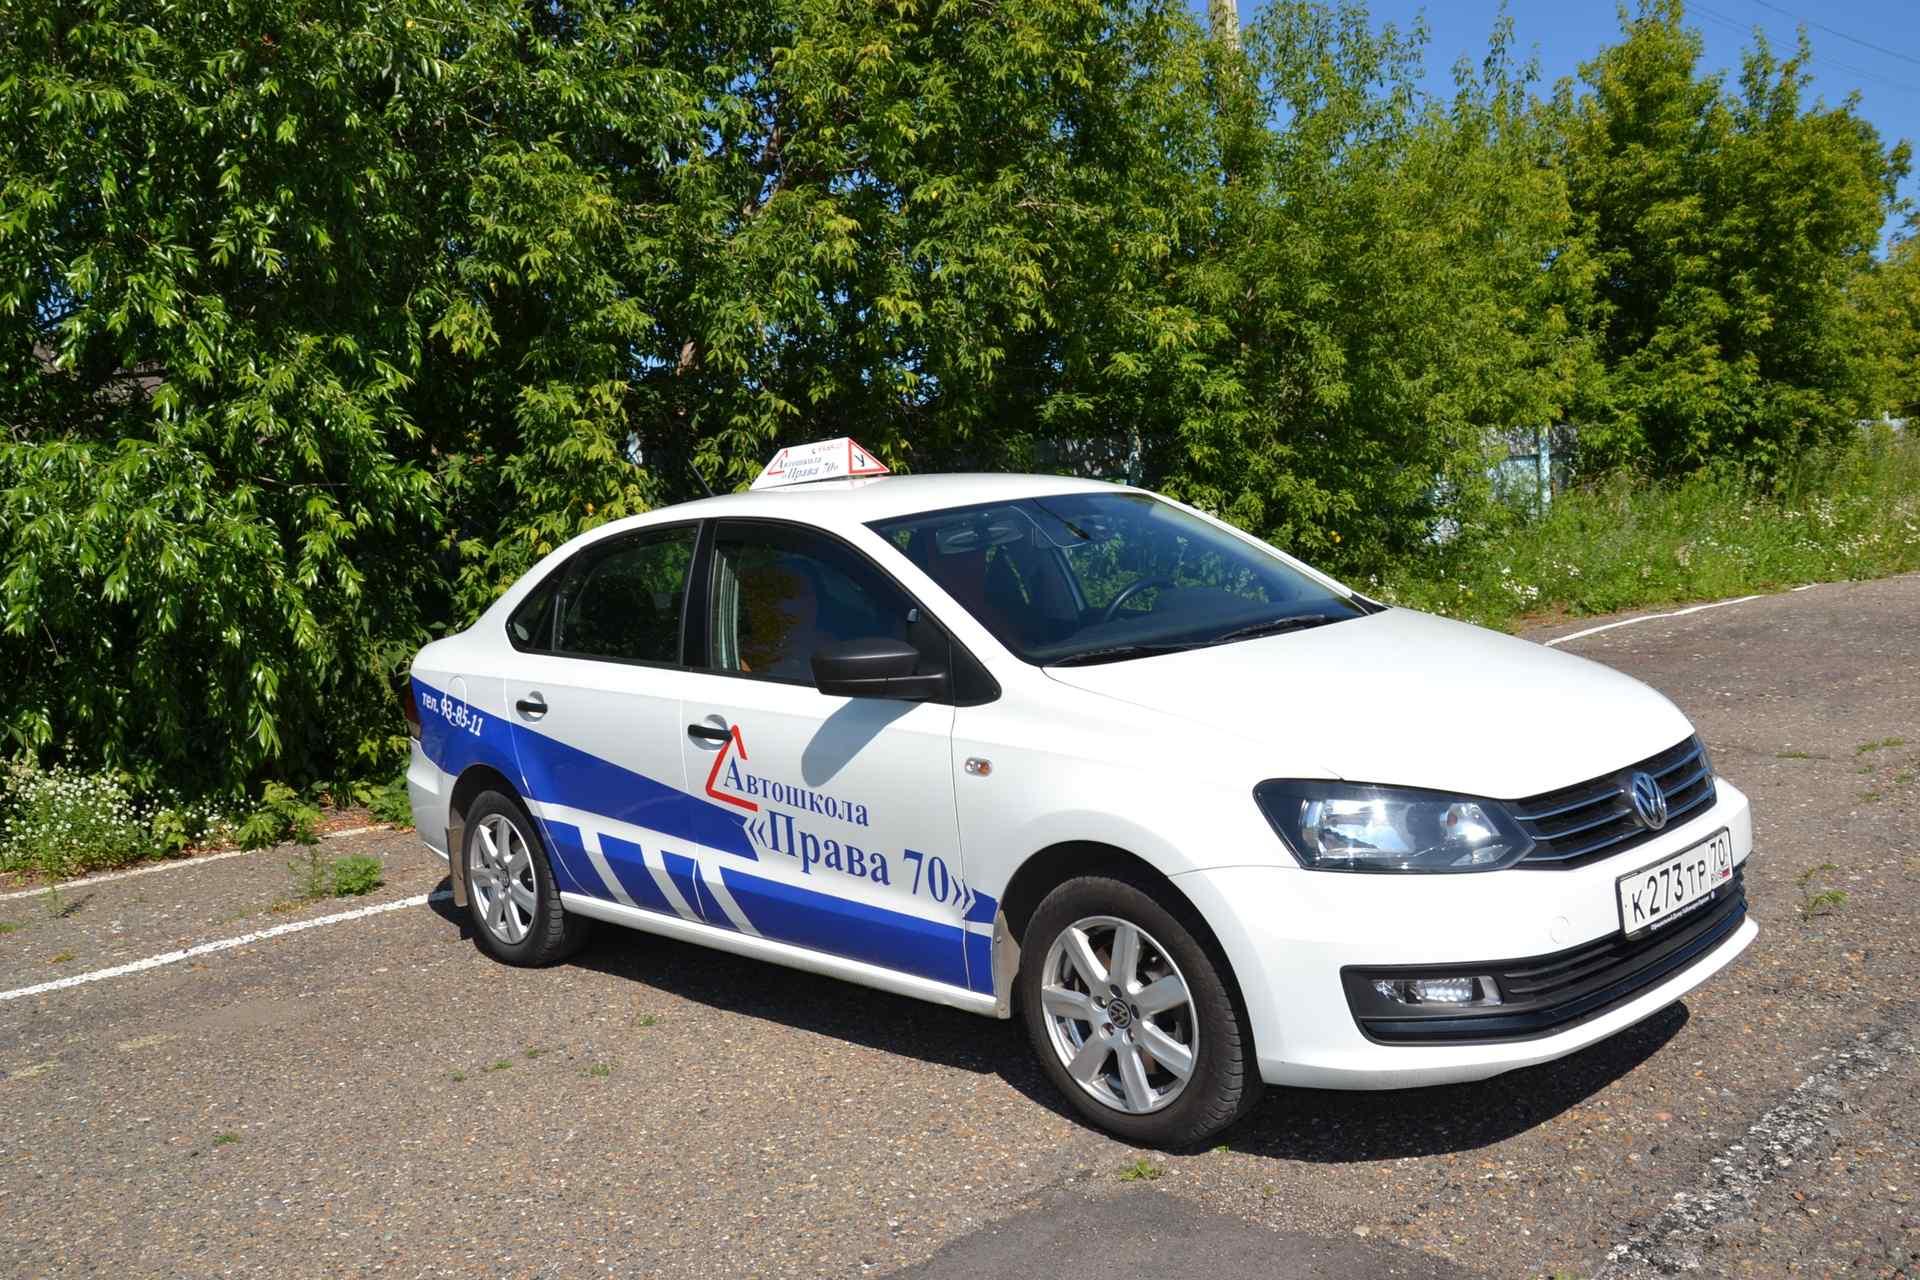 Автошкола Права 70 Volkswagen Polo (АКПП) Инструктор Анисеня В.А.